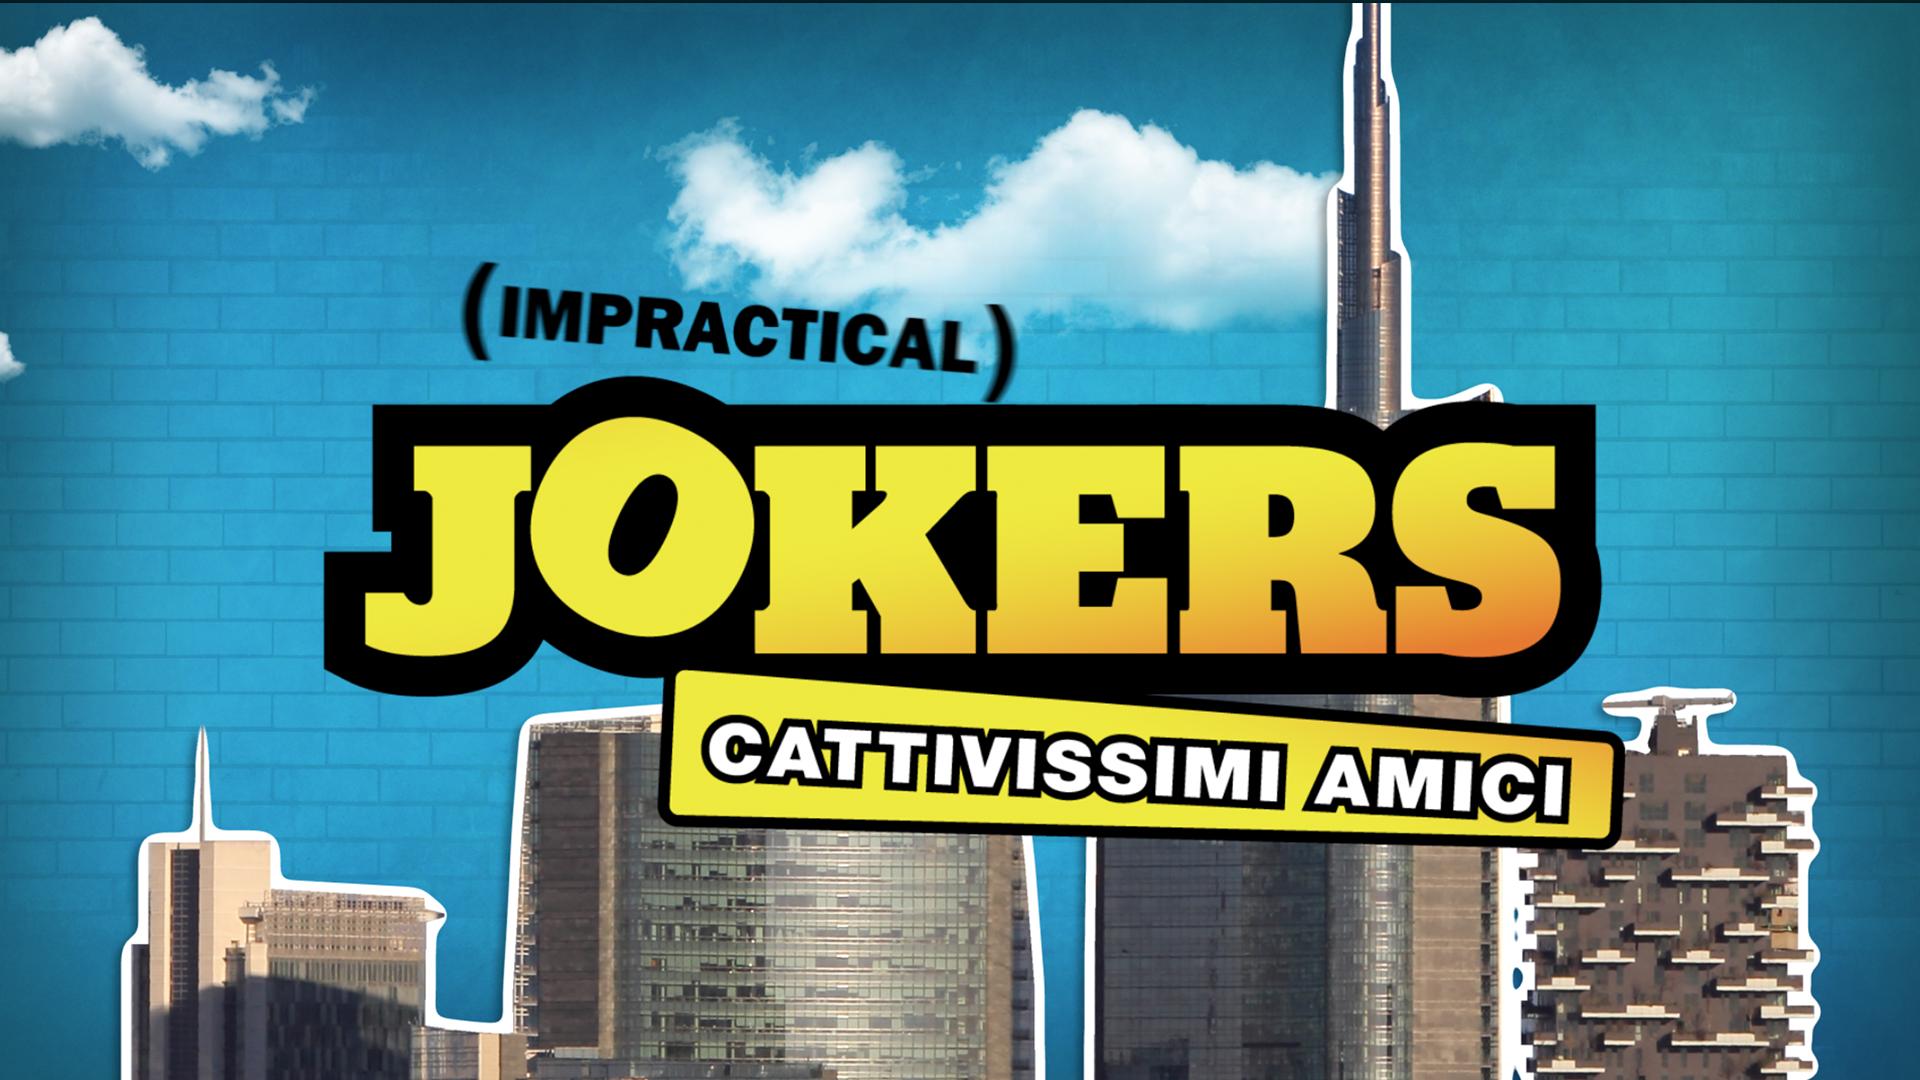 Impractical Jokers Sigla